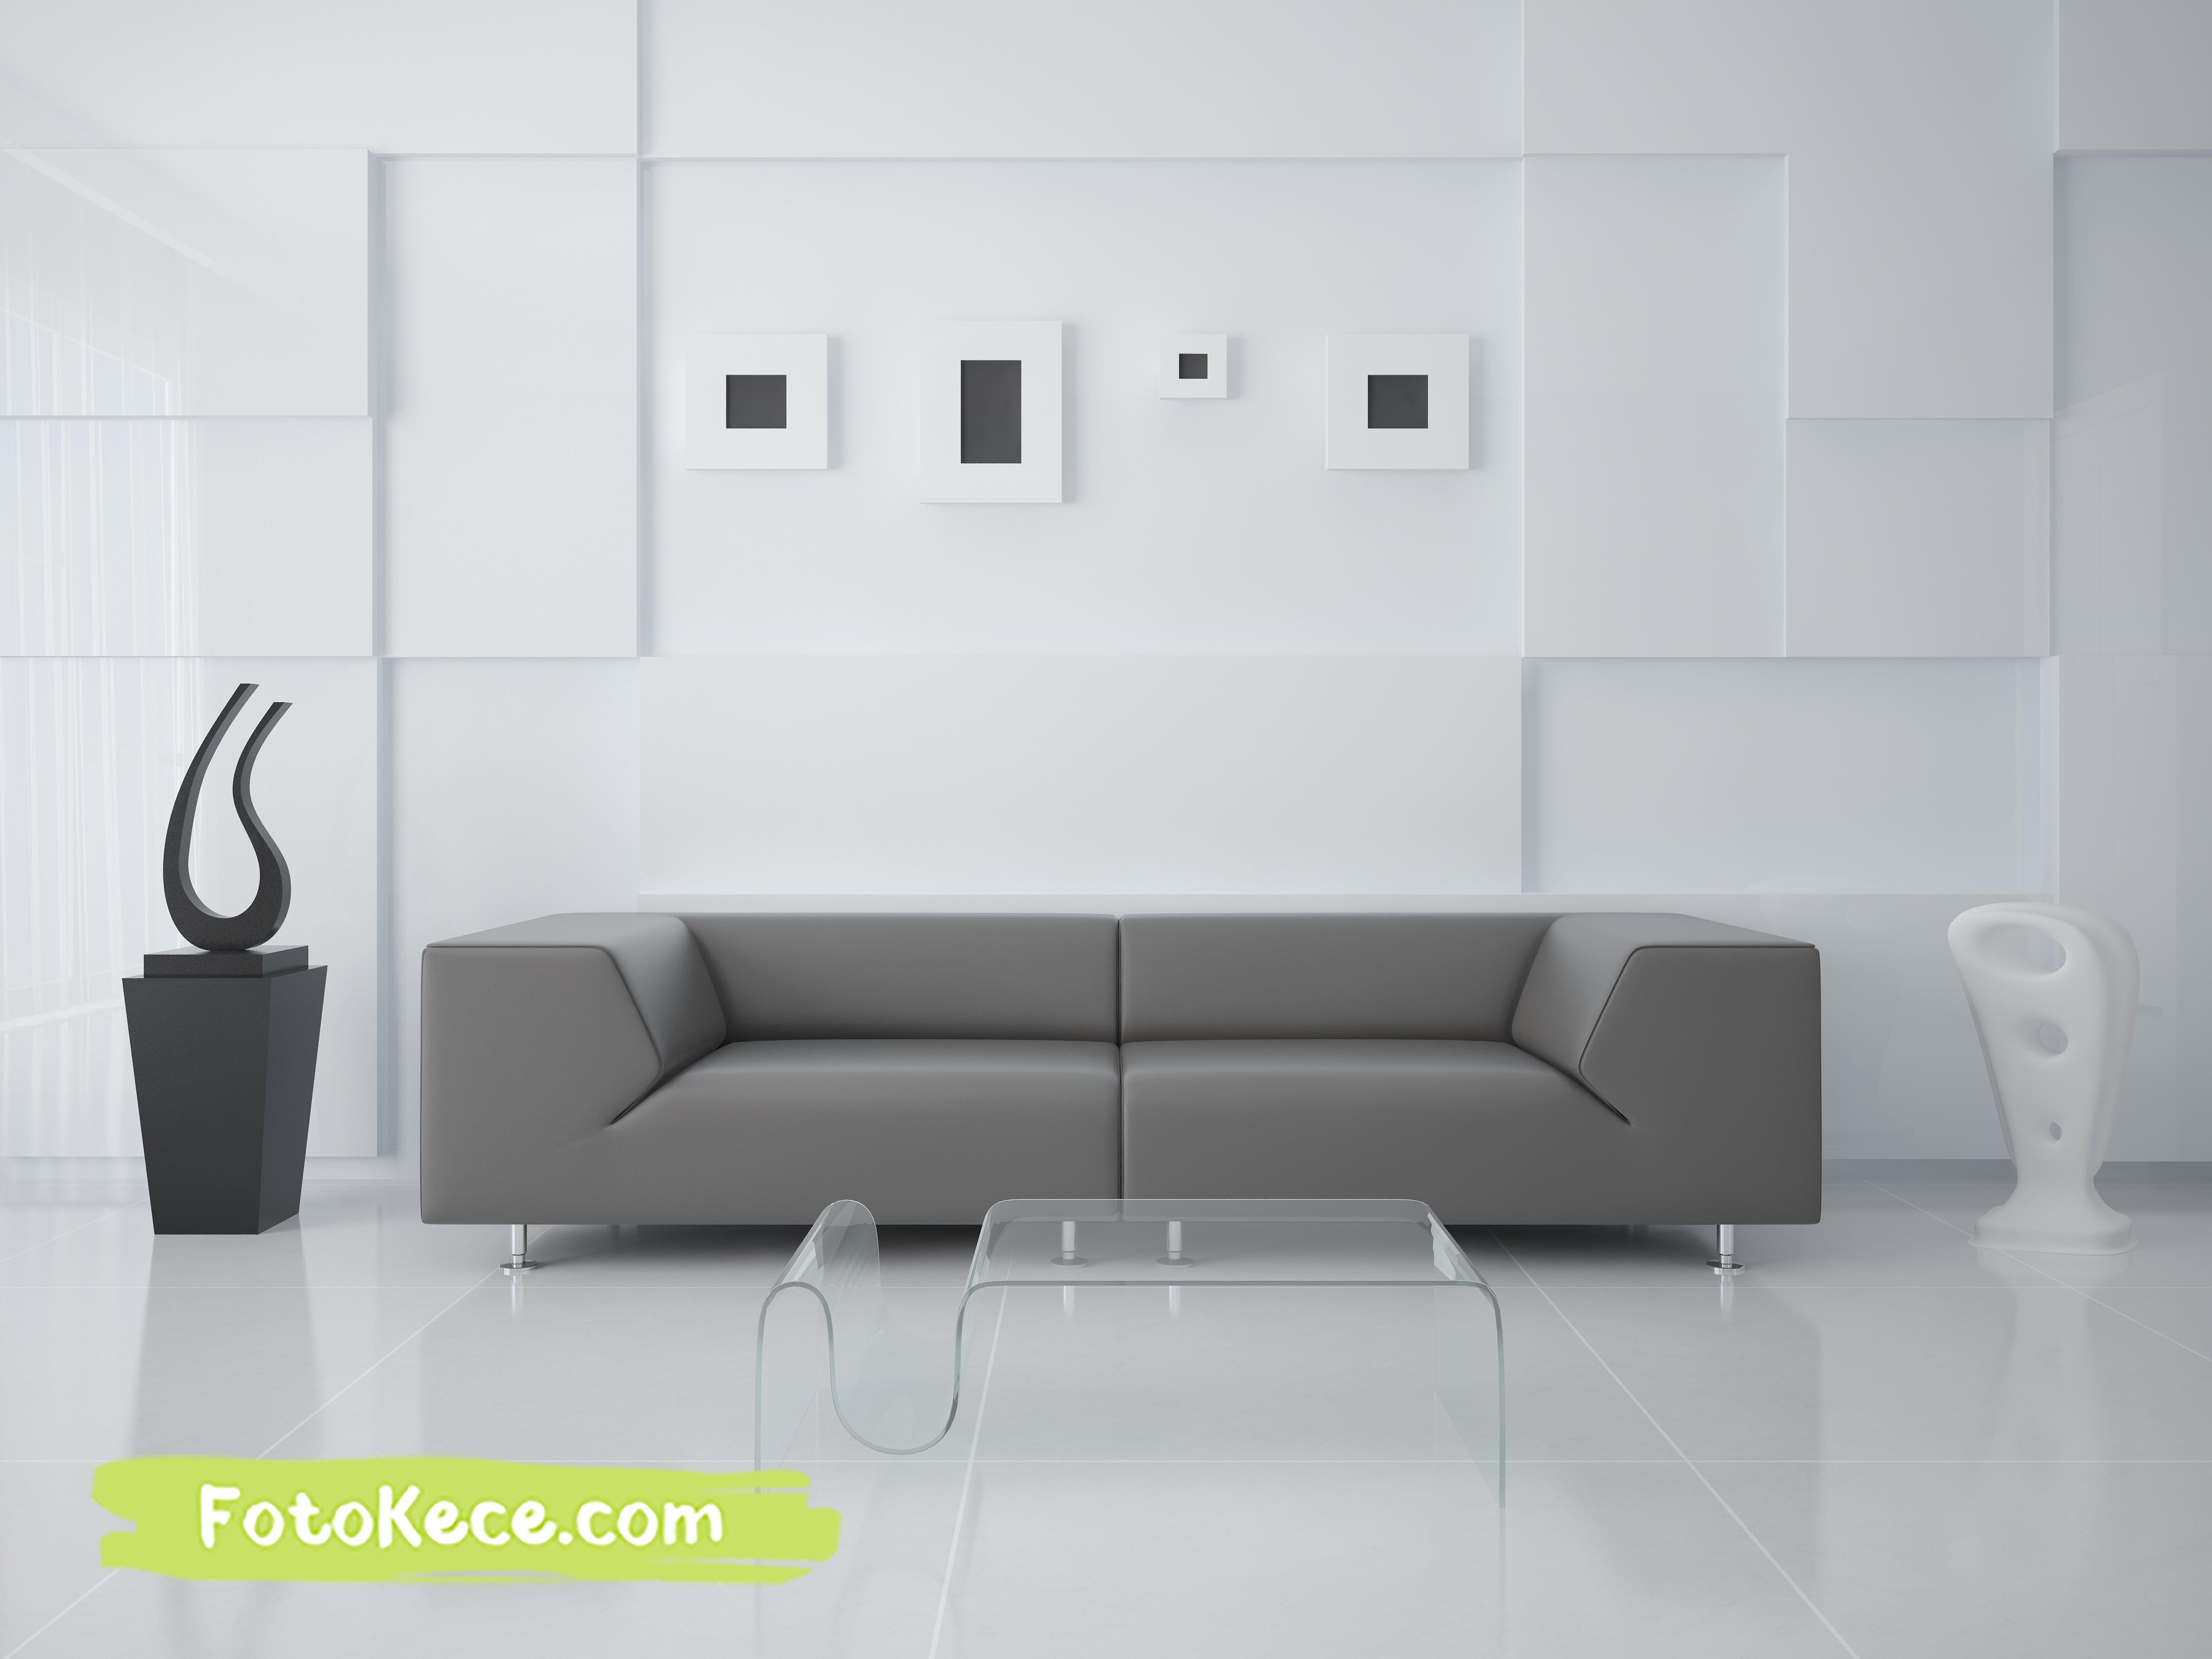 ruang tamu modern dengan model hitech foto kece